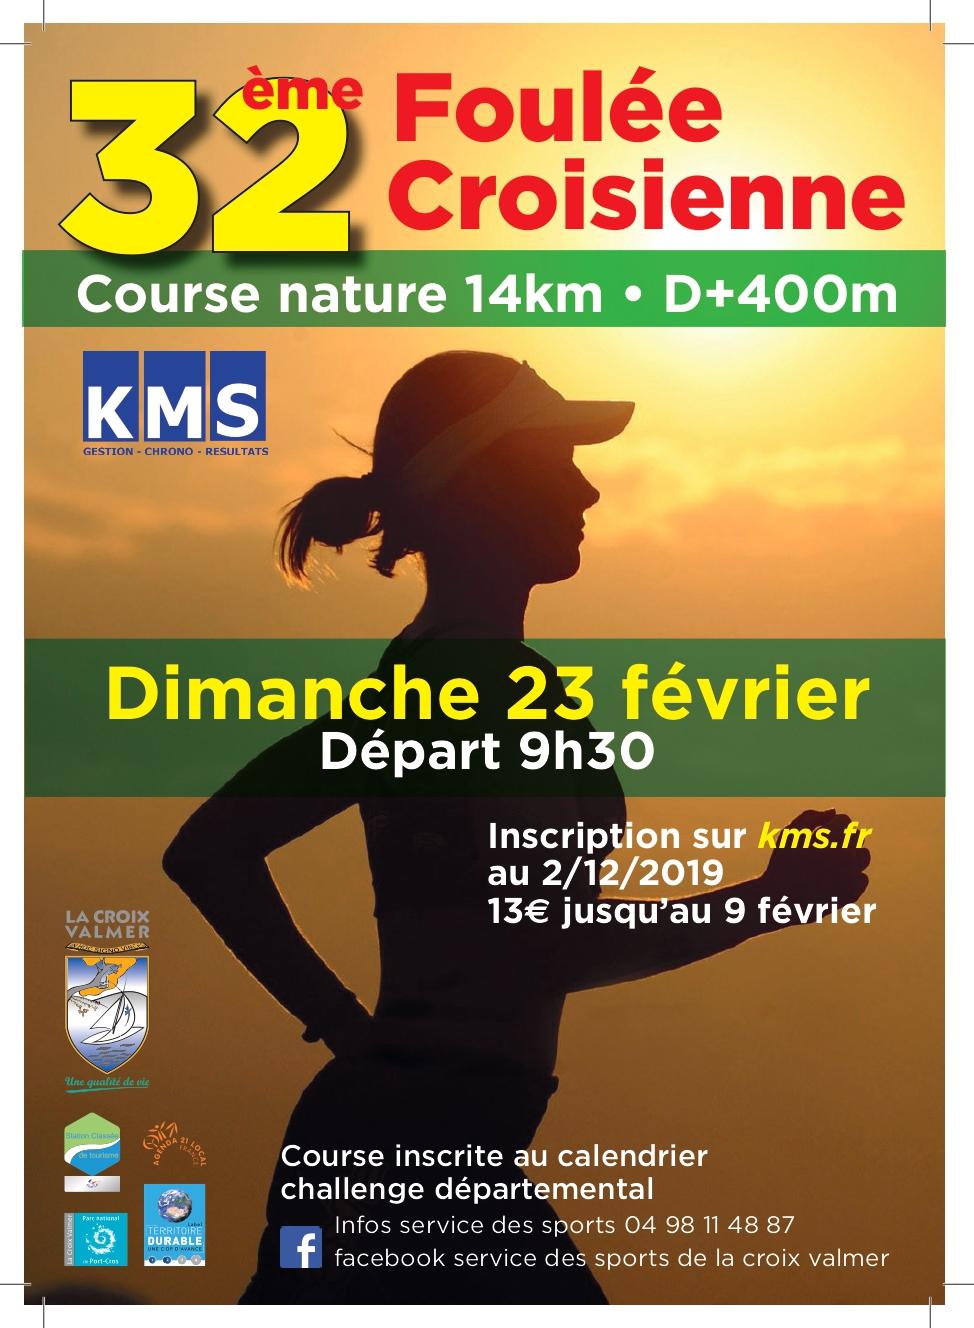 La Foulee Croisienne - 14km